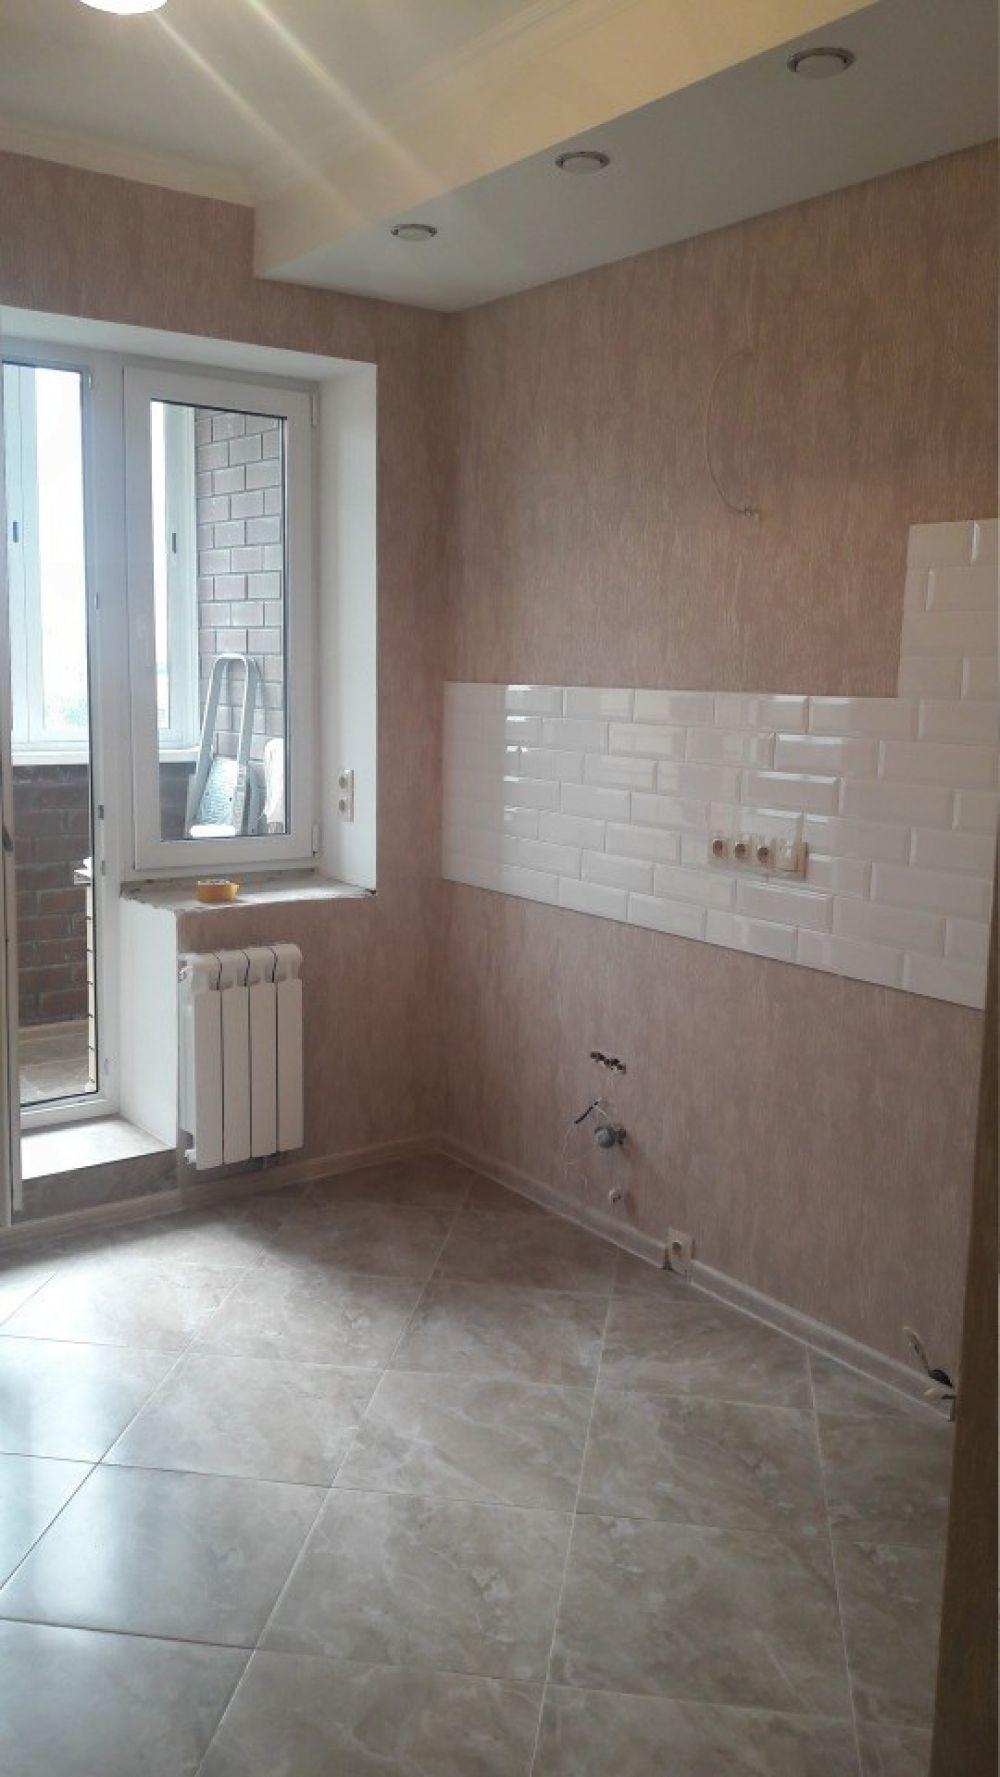 1-к квартира, Щелково, Краснознаменская улица, 17к4, фото 4